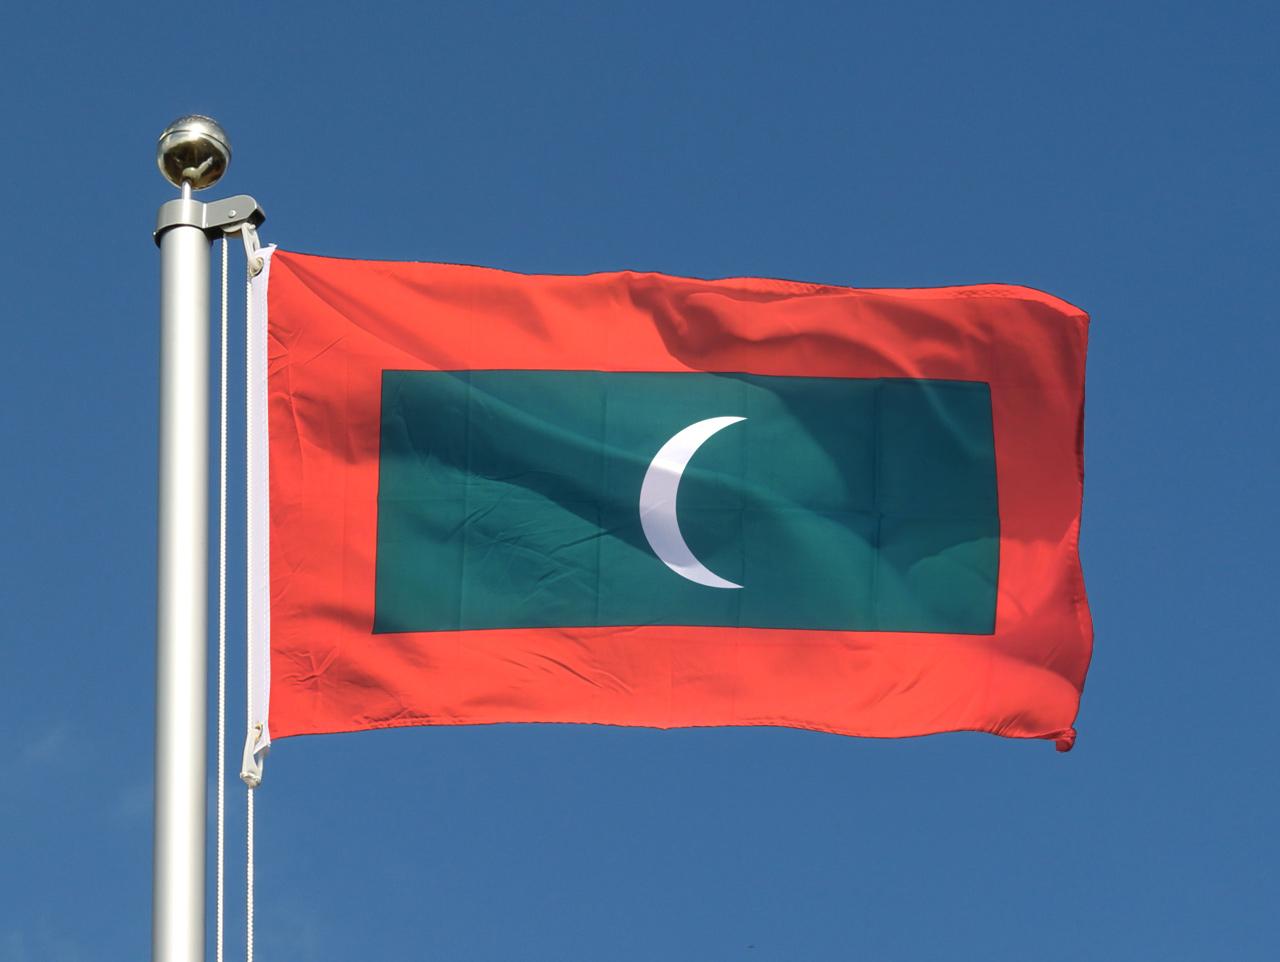 drapeau pas cher maldives 60 x 90 cm monsieur des drapeaux. Black Bedroom Furniture Sets. Home Design Ideas